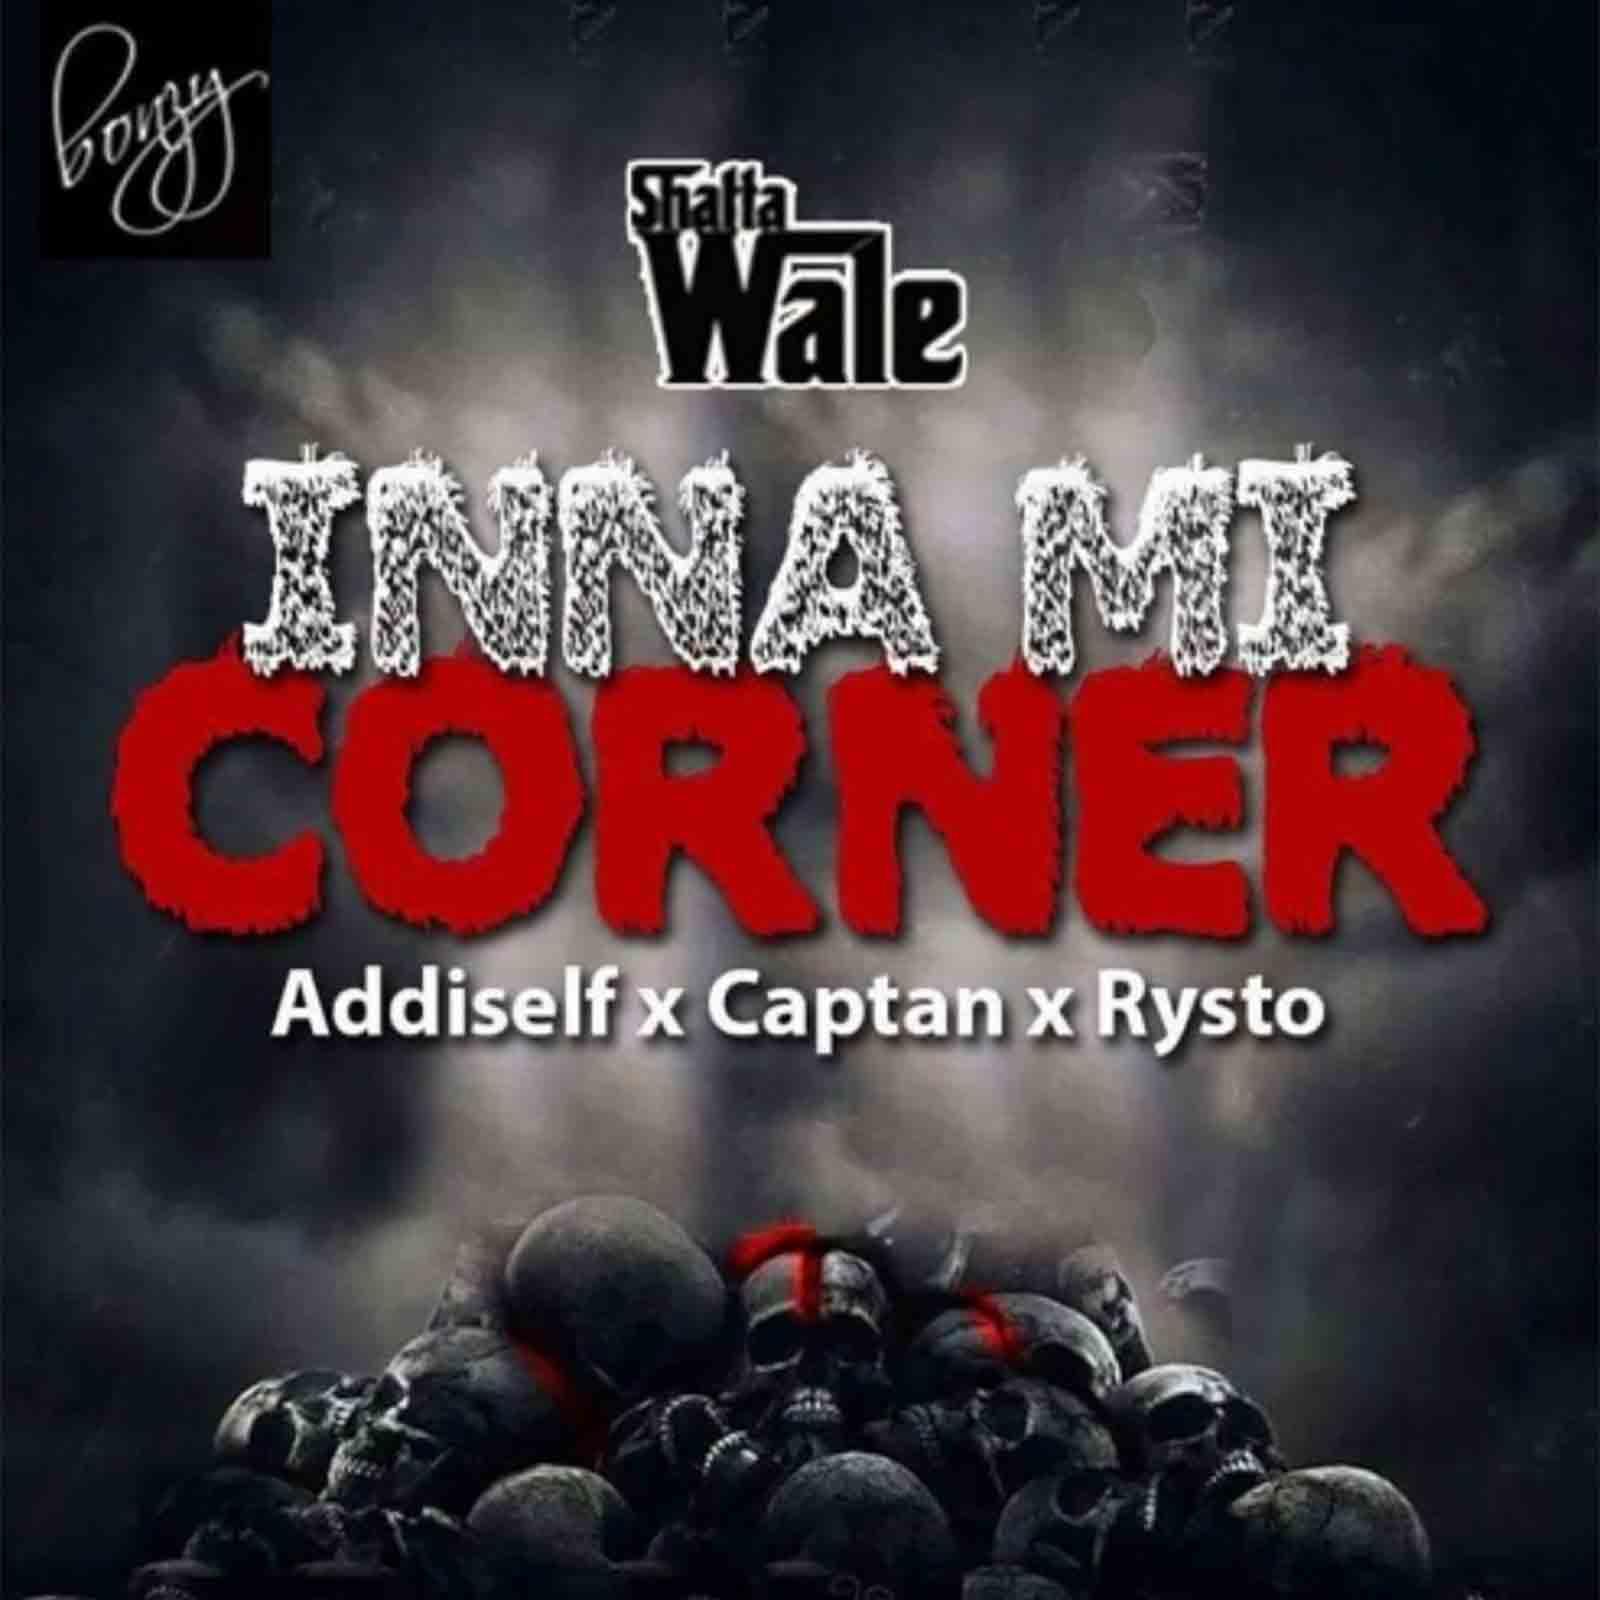 In A Mi Corner by Shatta Wale